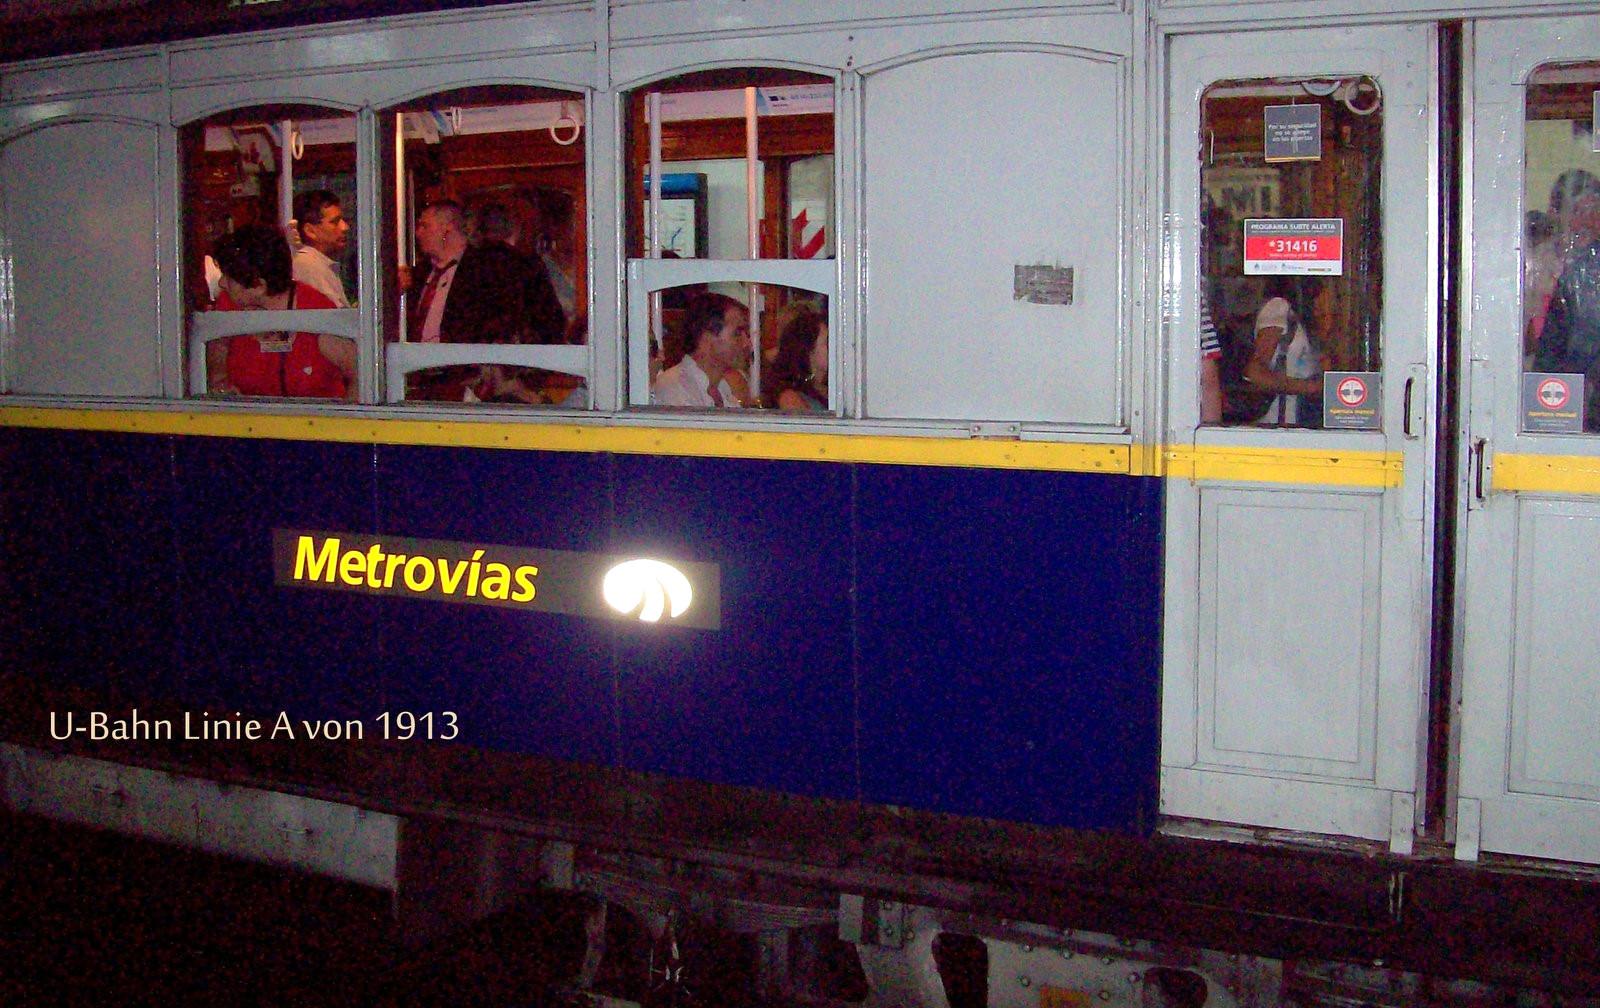 U-Bahn Linie A - Buenos Aires